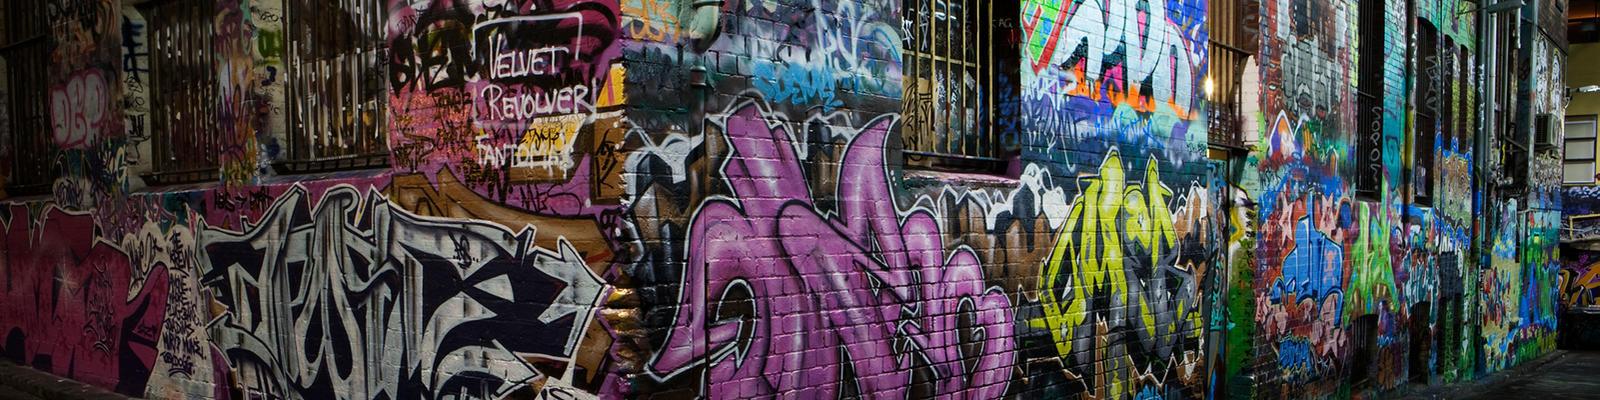 melborune grafiti art